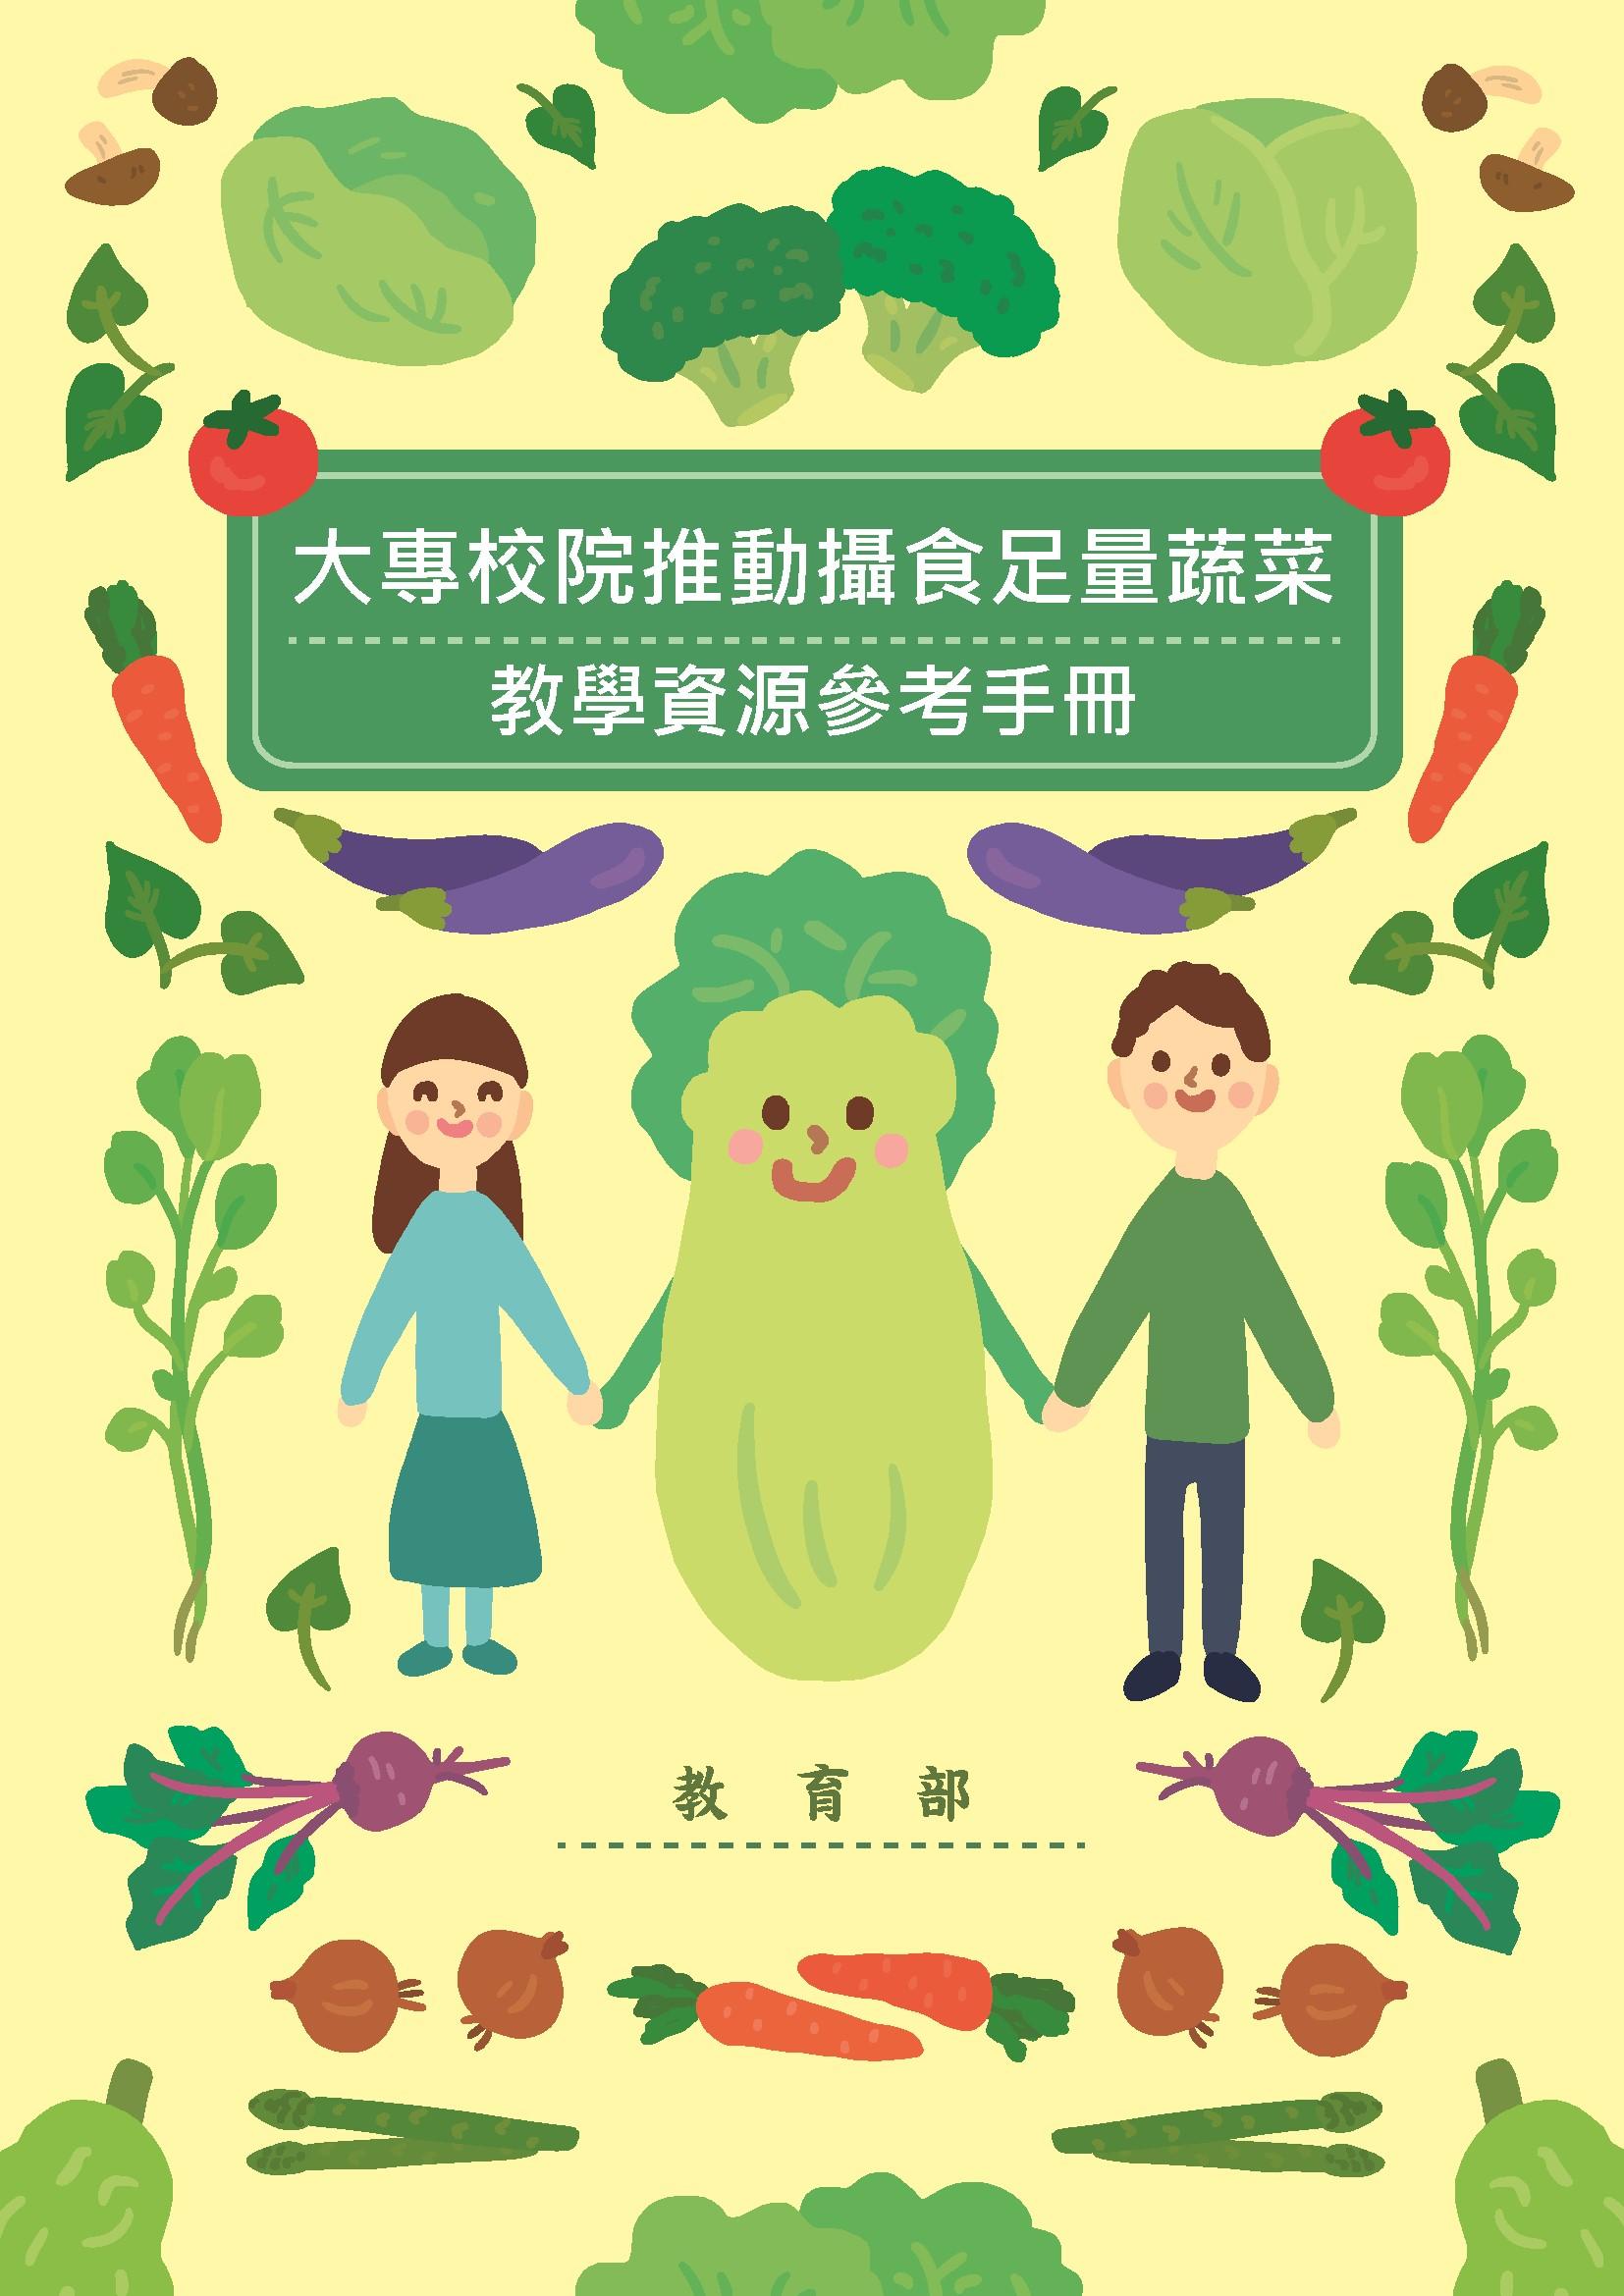 大專校院推動攝食足量蔬菜教學資源參考手冊